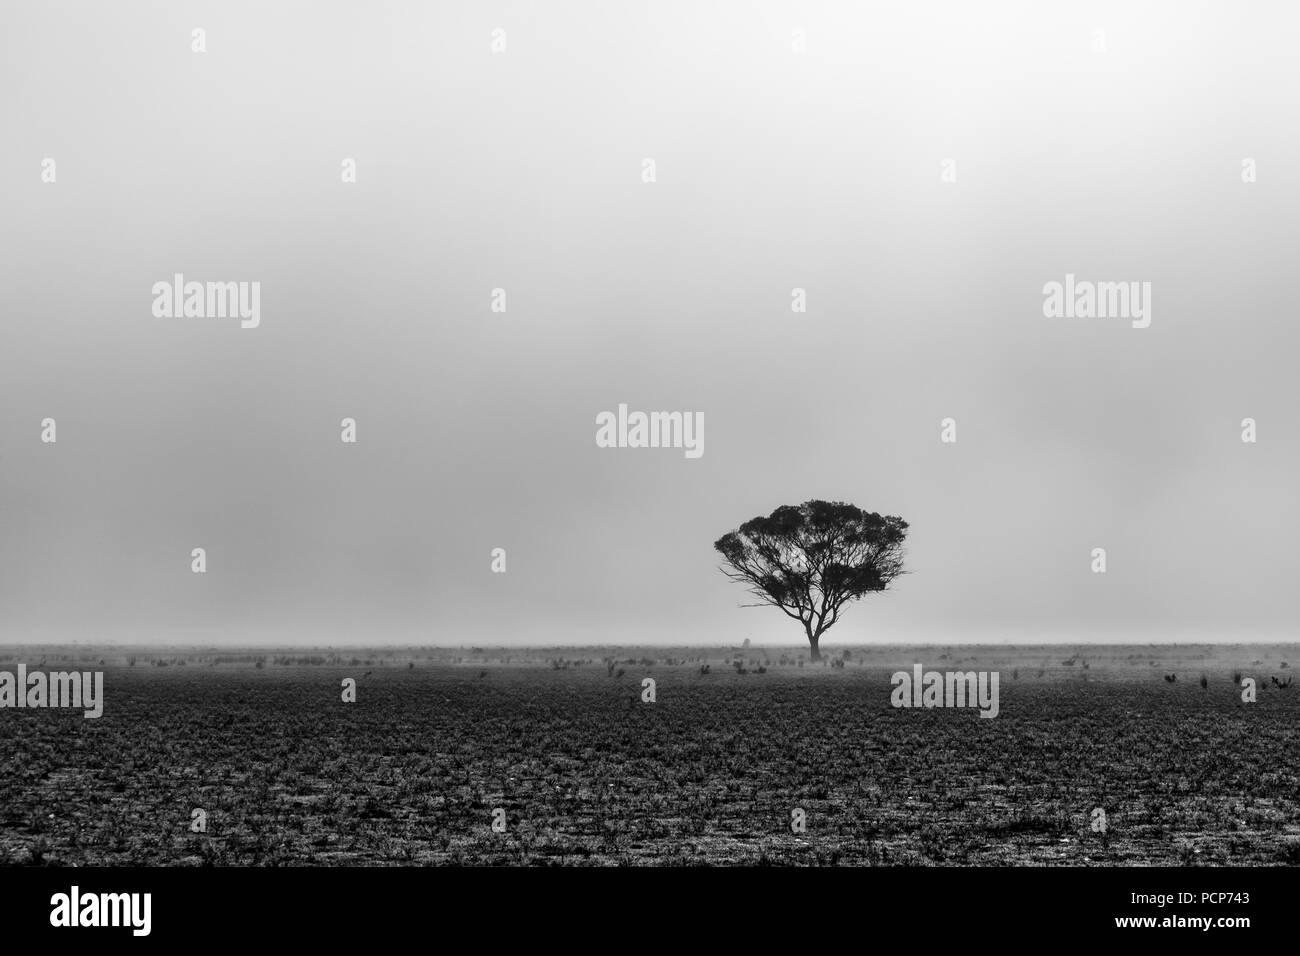 Lone tree in the desert in morning fog in South Australia - Stock Image